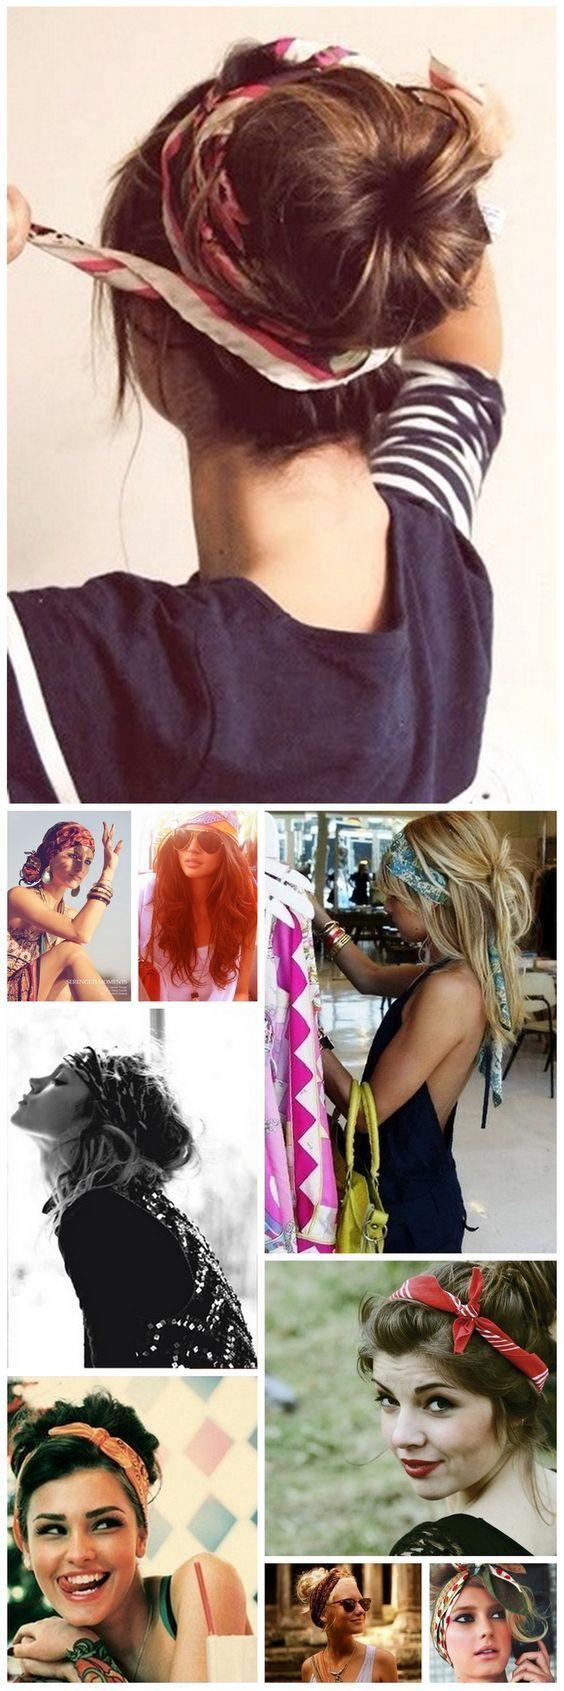 Friseur mit einem Schal, langem Haarschopf und mittellangen Haaren – Haar und Schönheit